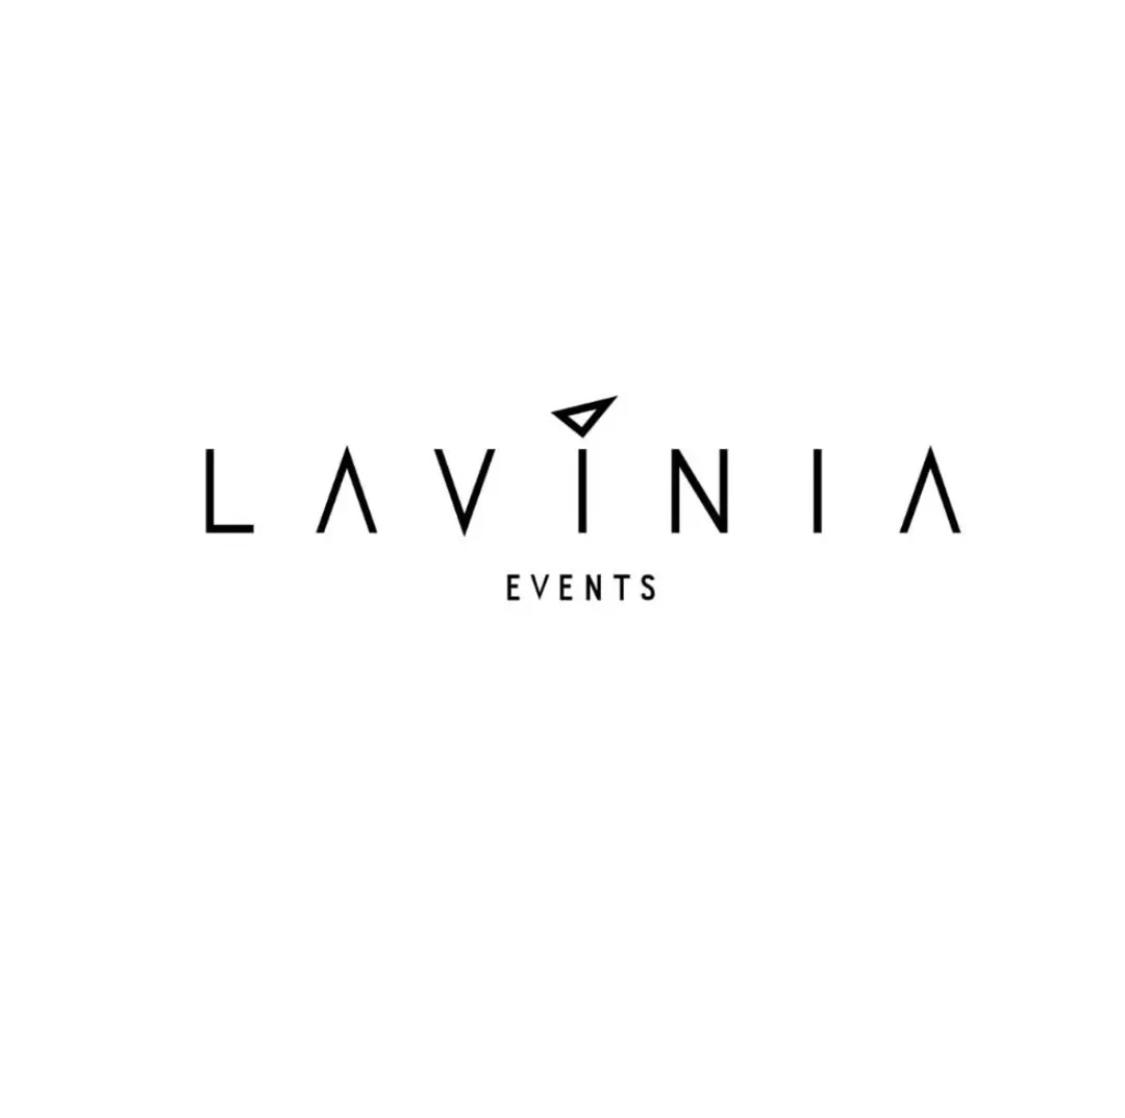 Lavinia Events